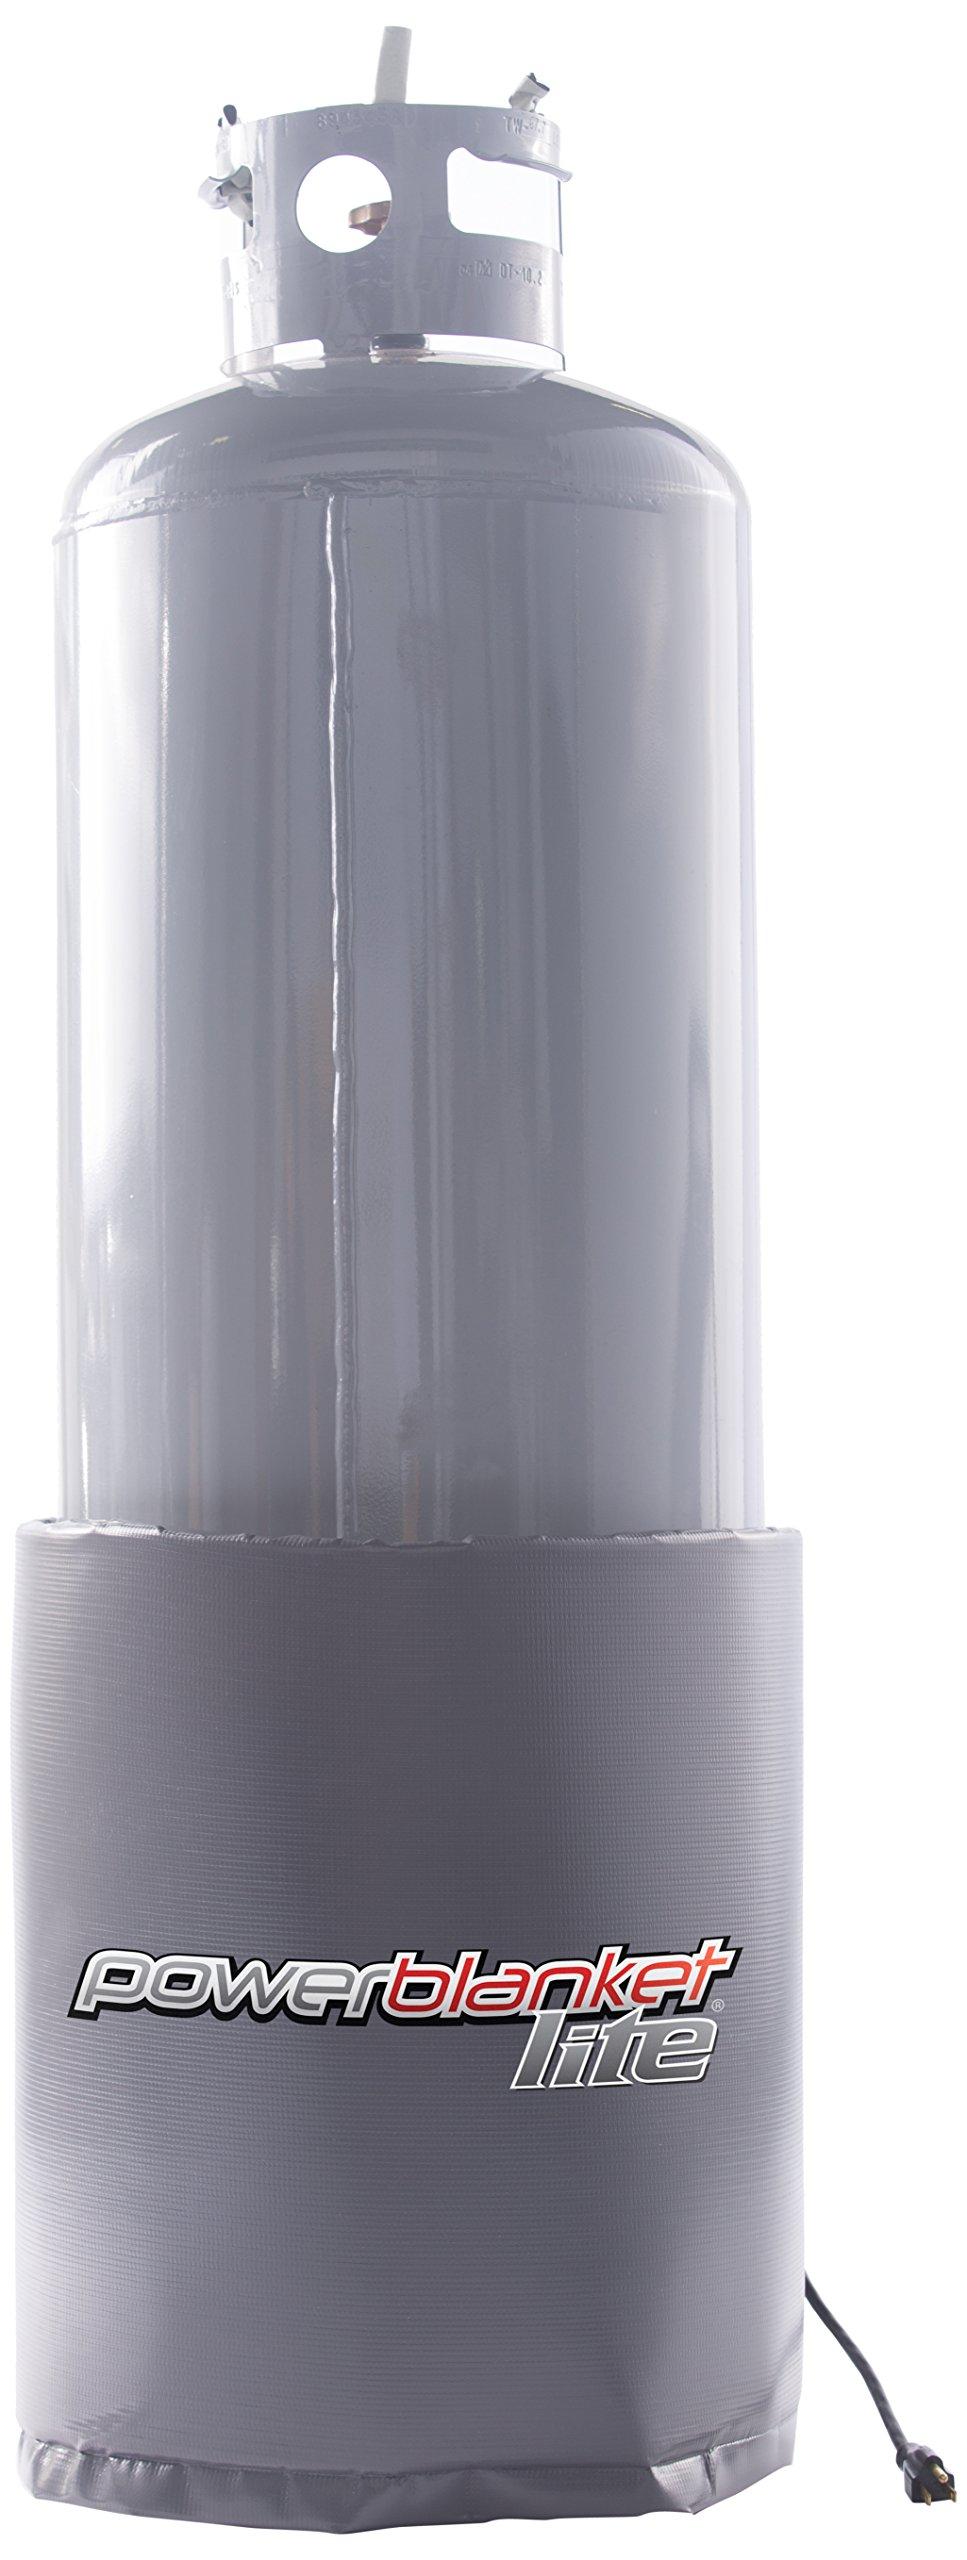 Powerblanket PBL100 Gas Cylinder Heating Blanket